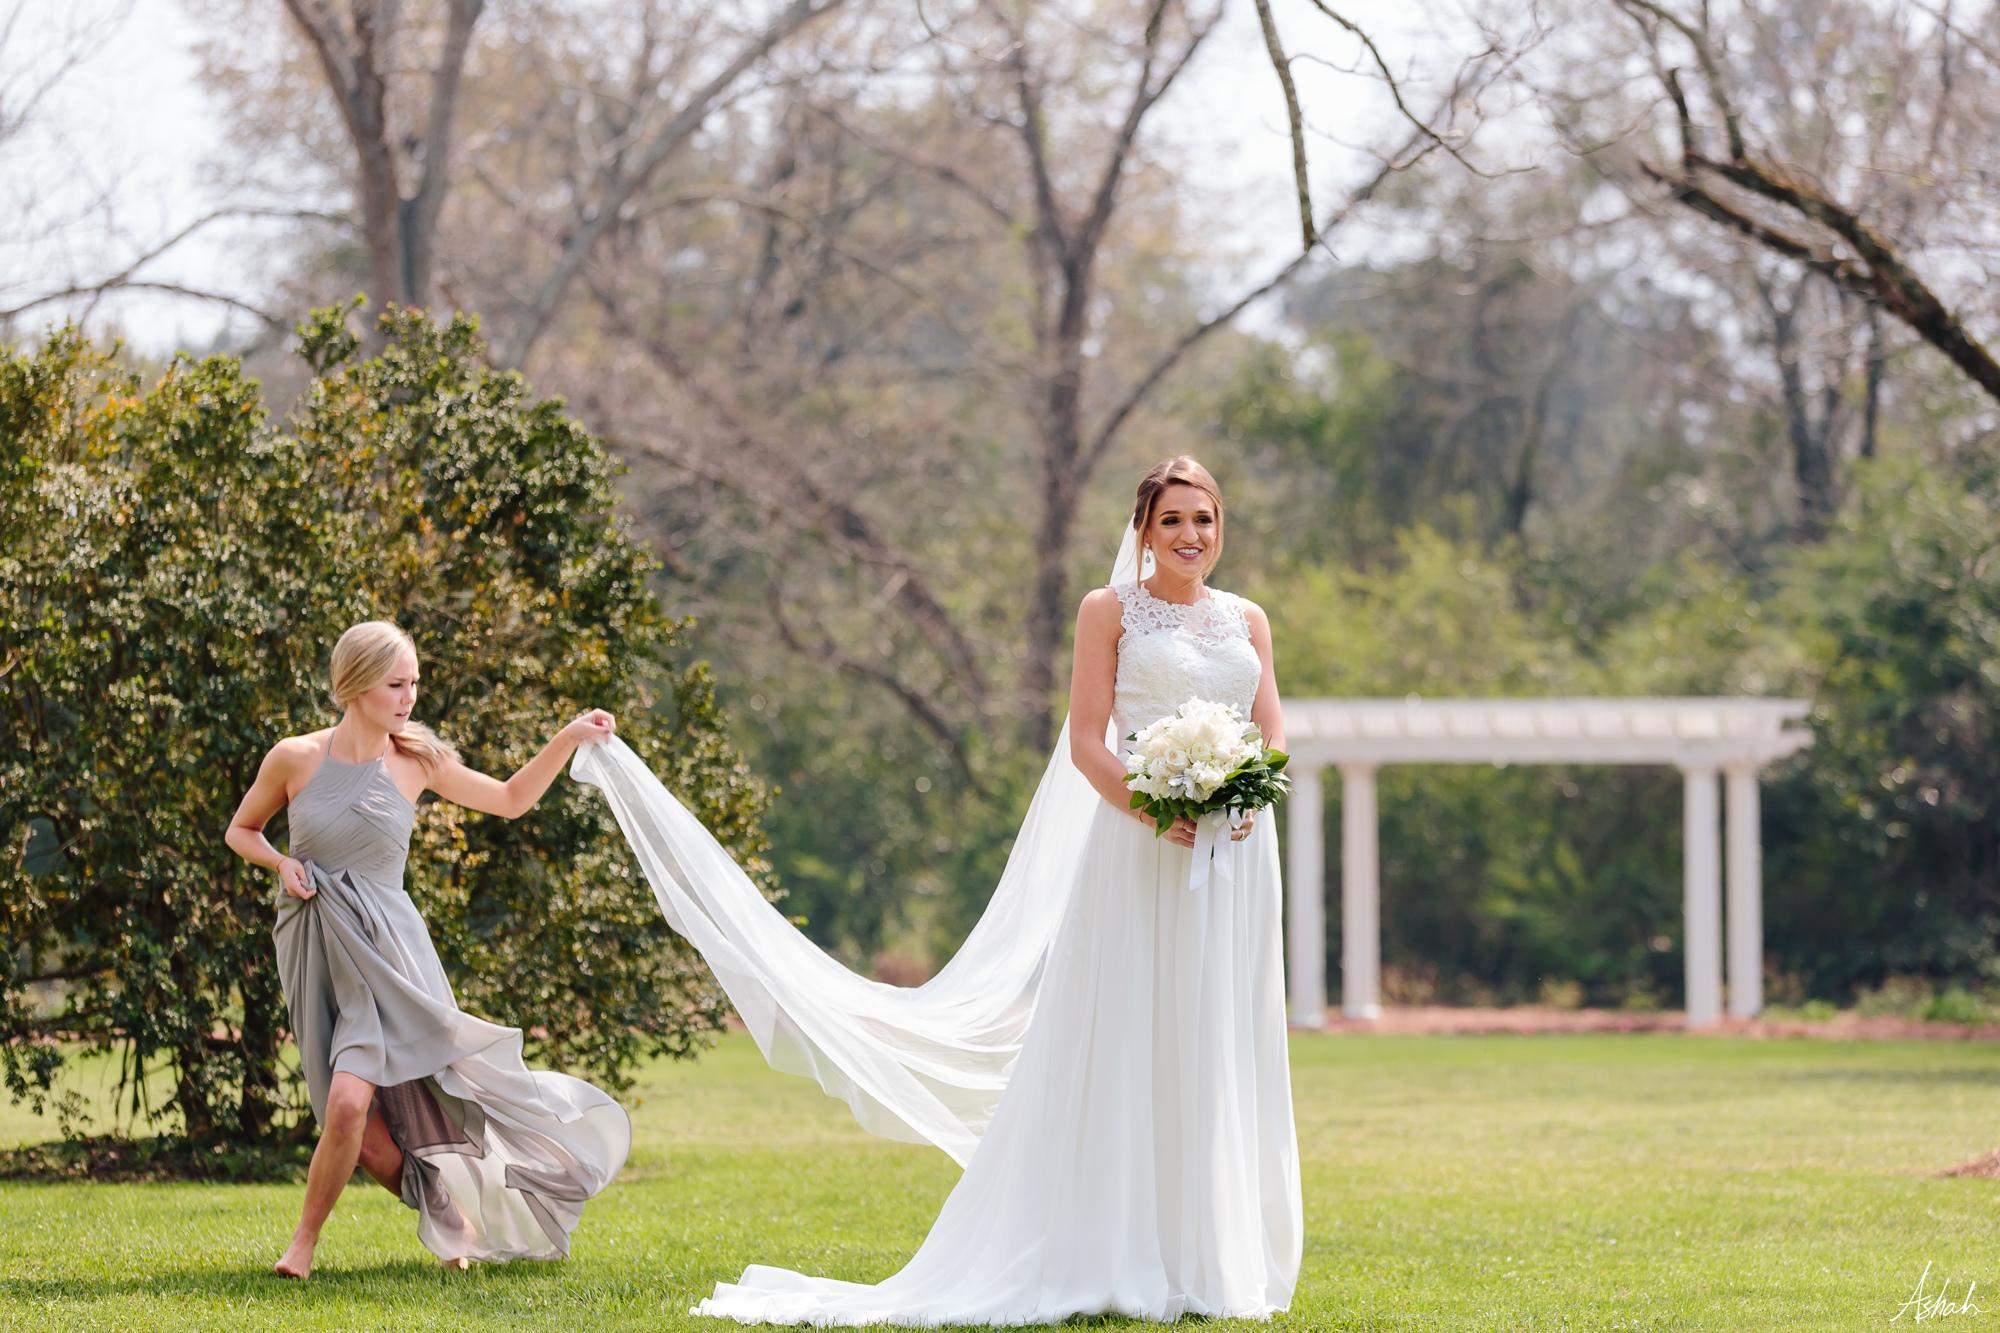 bridegroom011.jpg